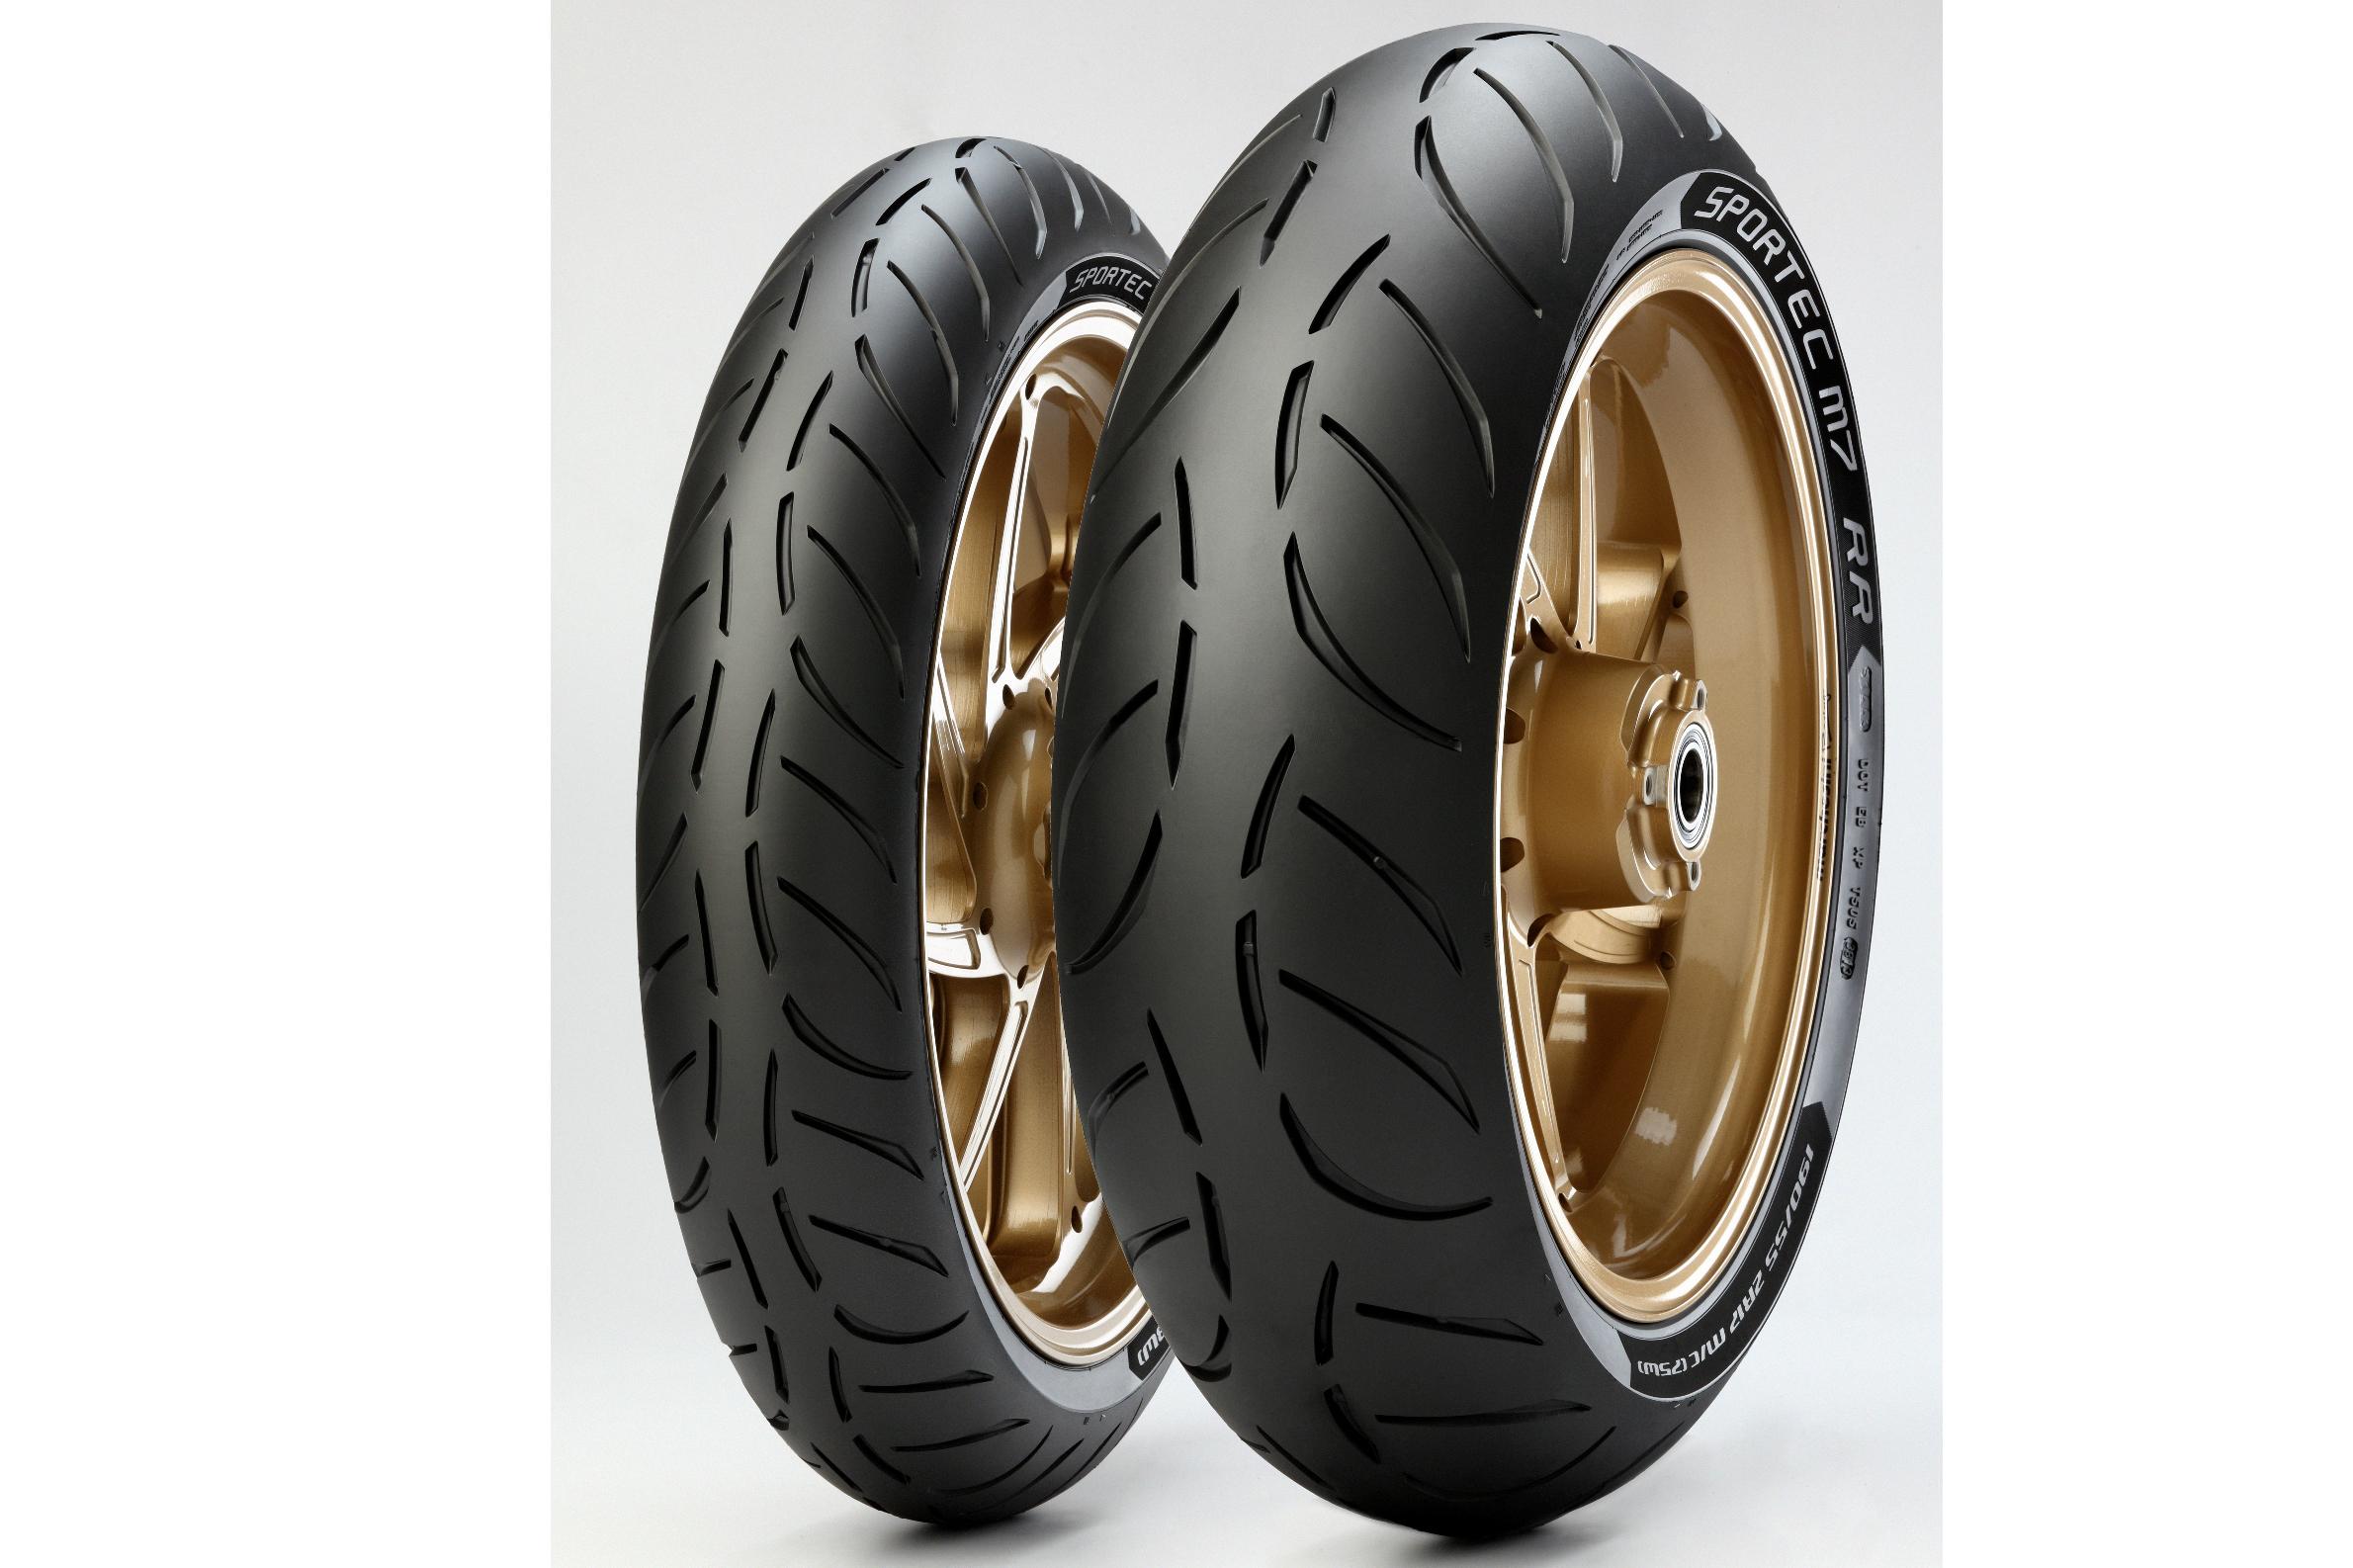 tested metzeler racetec rr tyres by k visordown. Black Bedroom Furniture Sets. Home Design Ideas